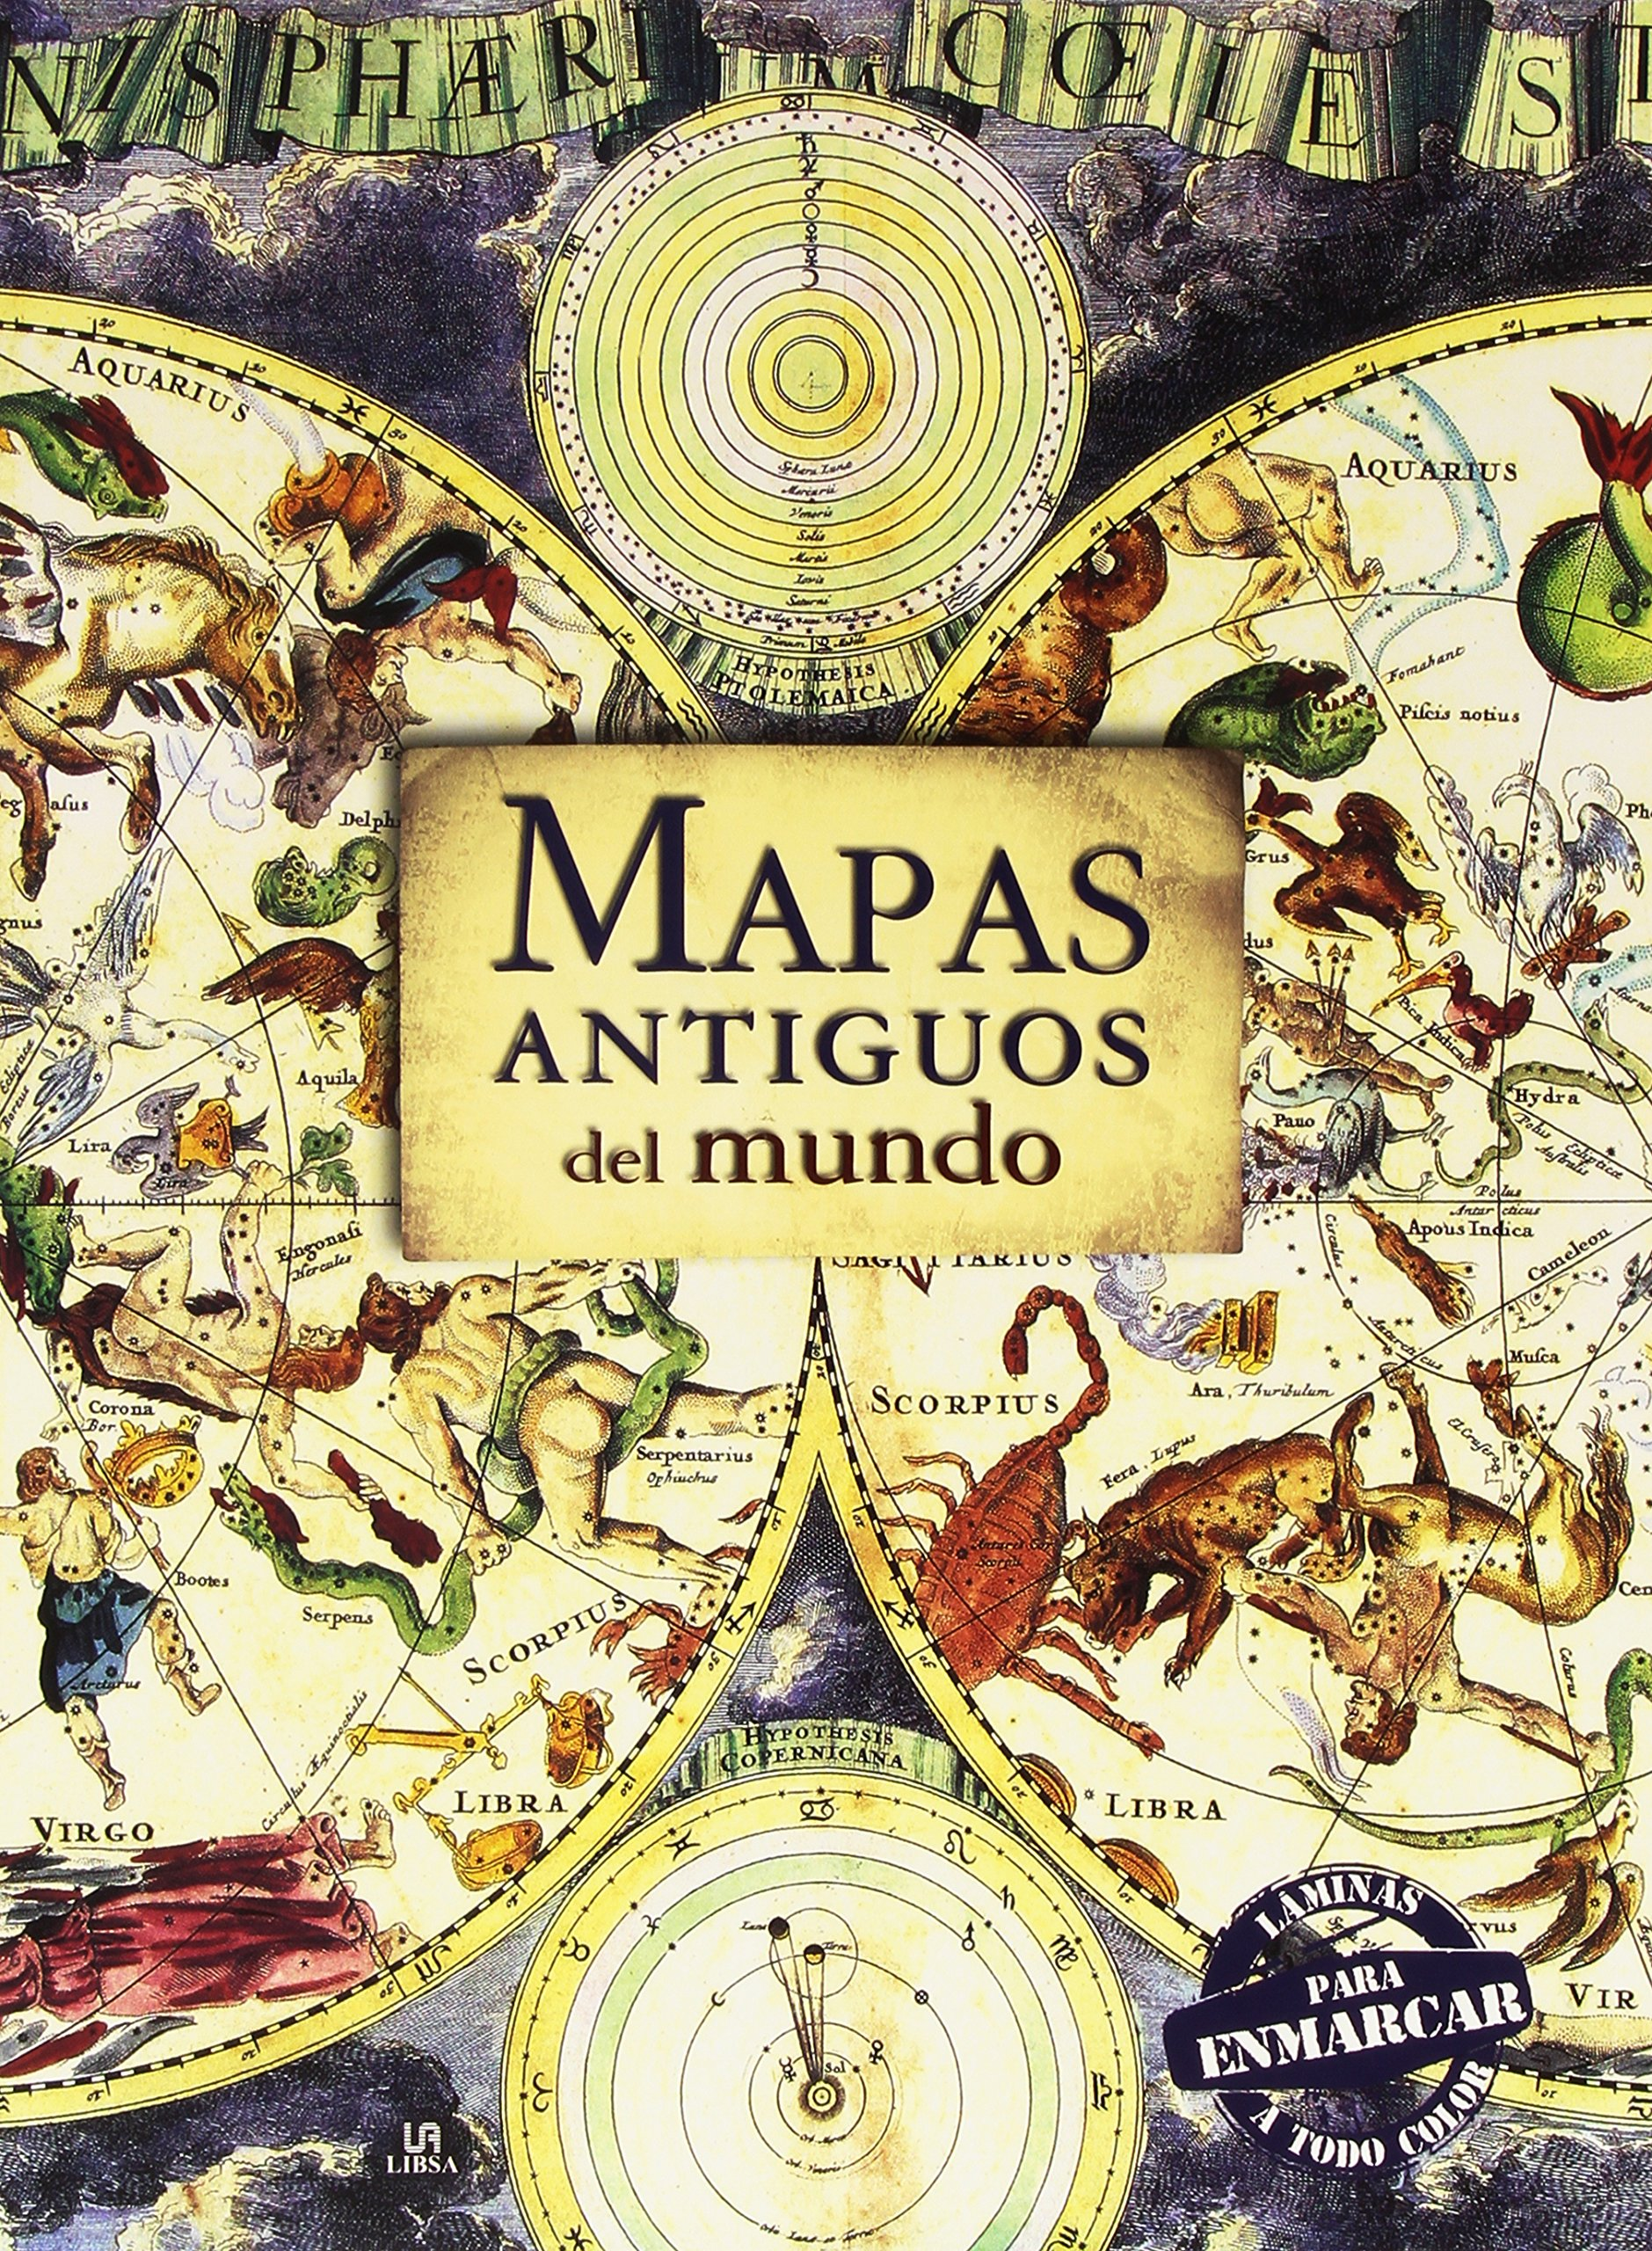 Mapas Antiguos Del Mundo Láminas Para Enmarcar Posters Art: Amazon.es: Aa.Vv: Libros